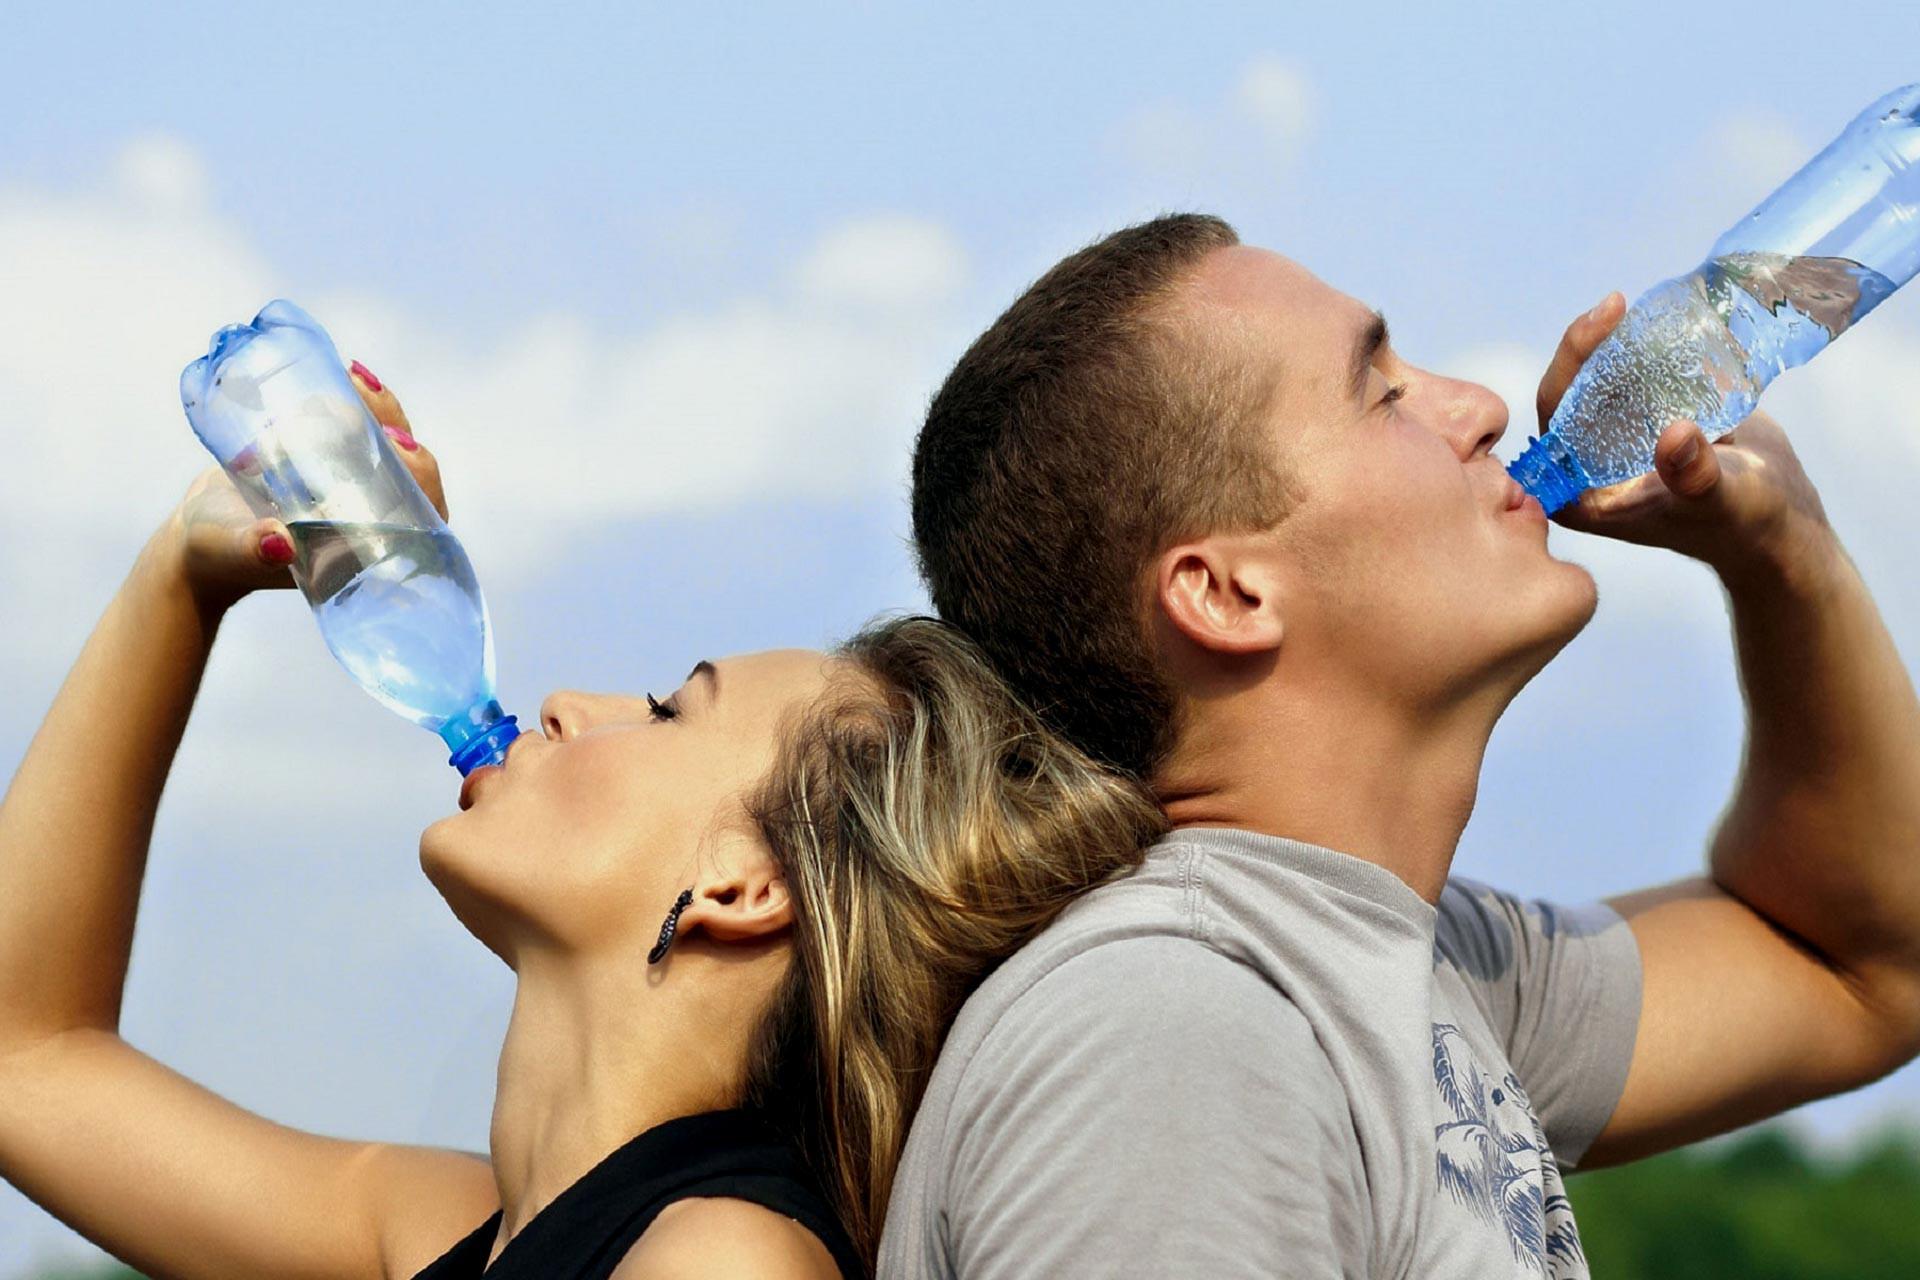 Nghe khá lạ nhưng lại là sự thật: Chúng ta hoàn toàn có thể bị ngộ độc nước - Ảnh 4.